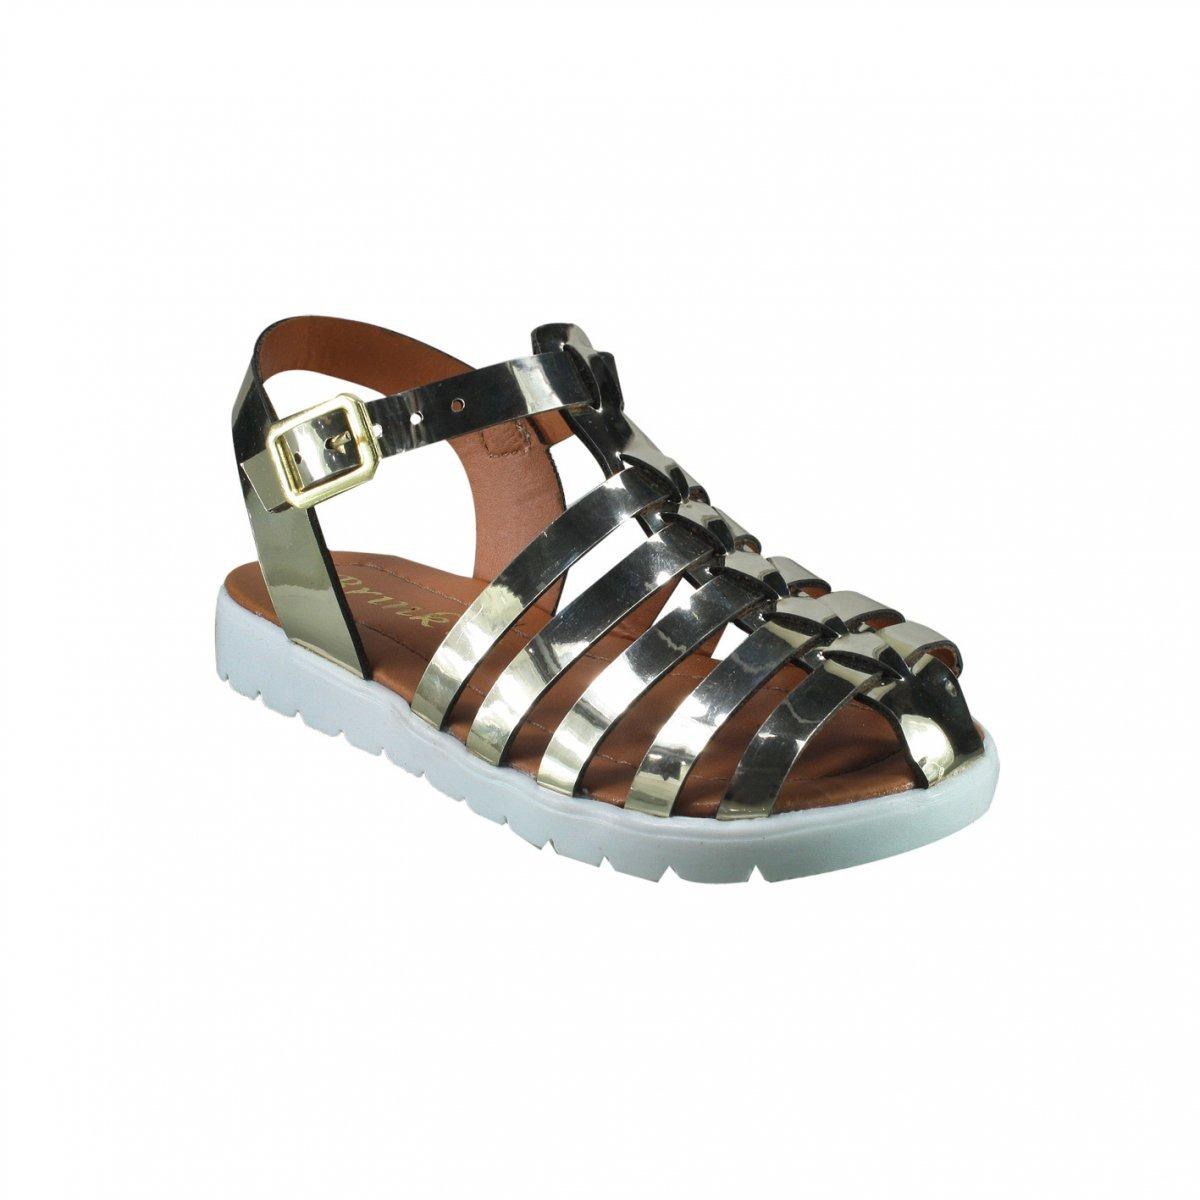 18554b307 sandália infantil brink 25.019.160 | katy calçados. Carregando zoom.